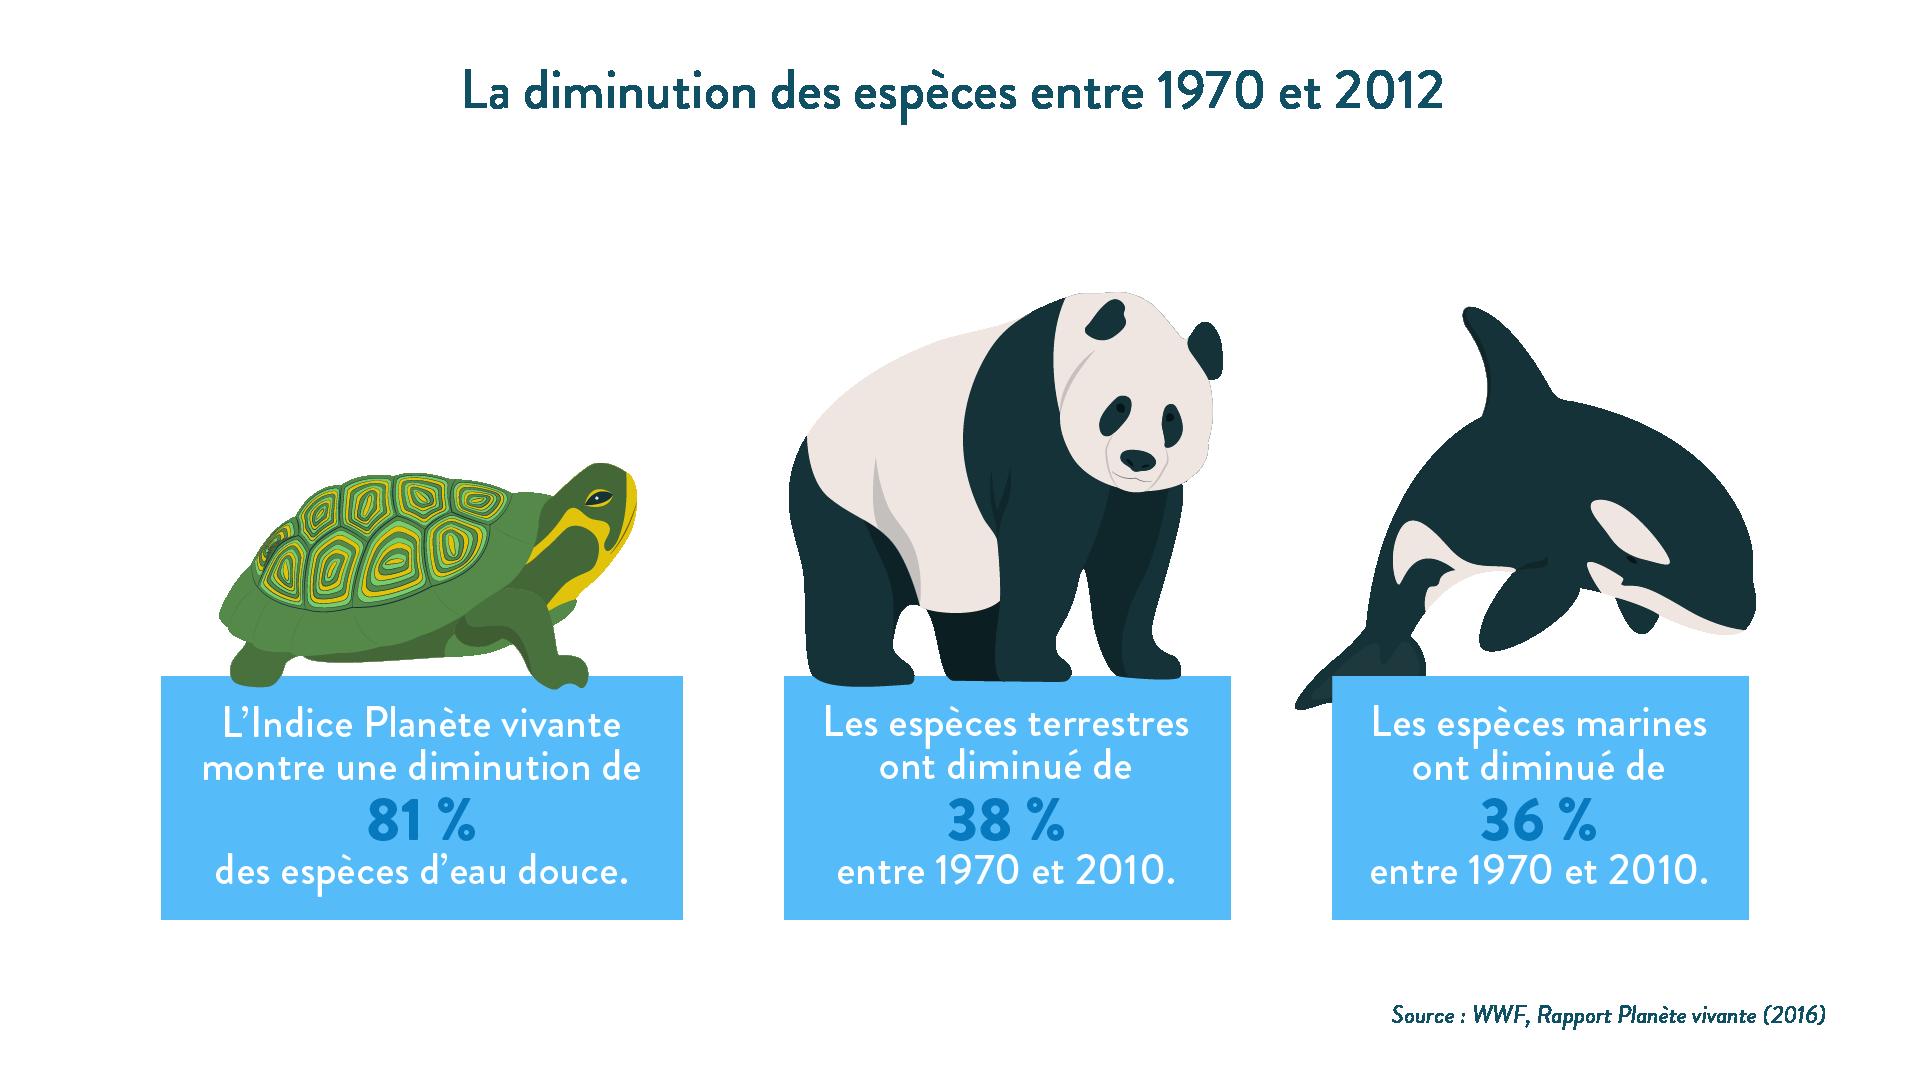 6e-géographie-SchoolMouv - La diminution des espèces entre 1970 et 2012